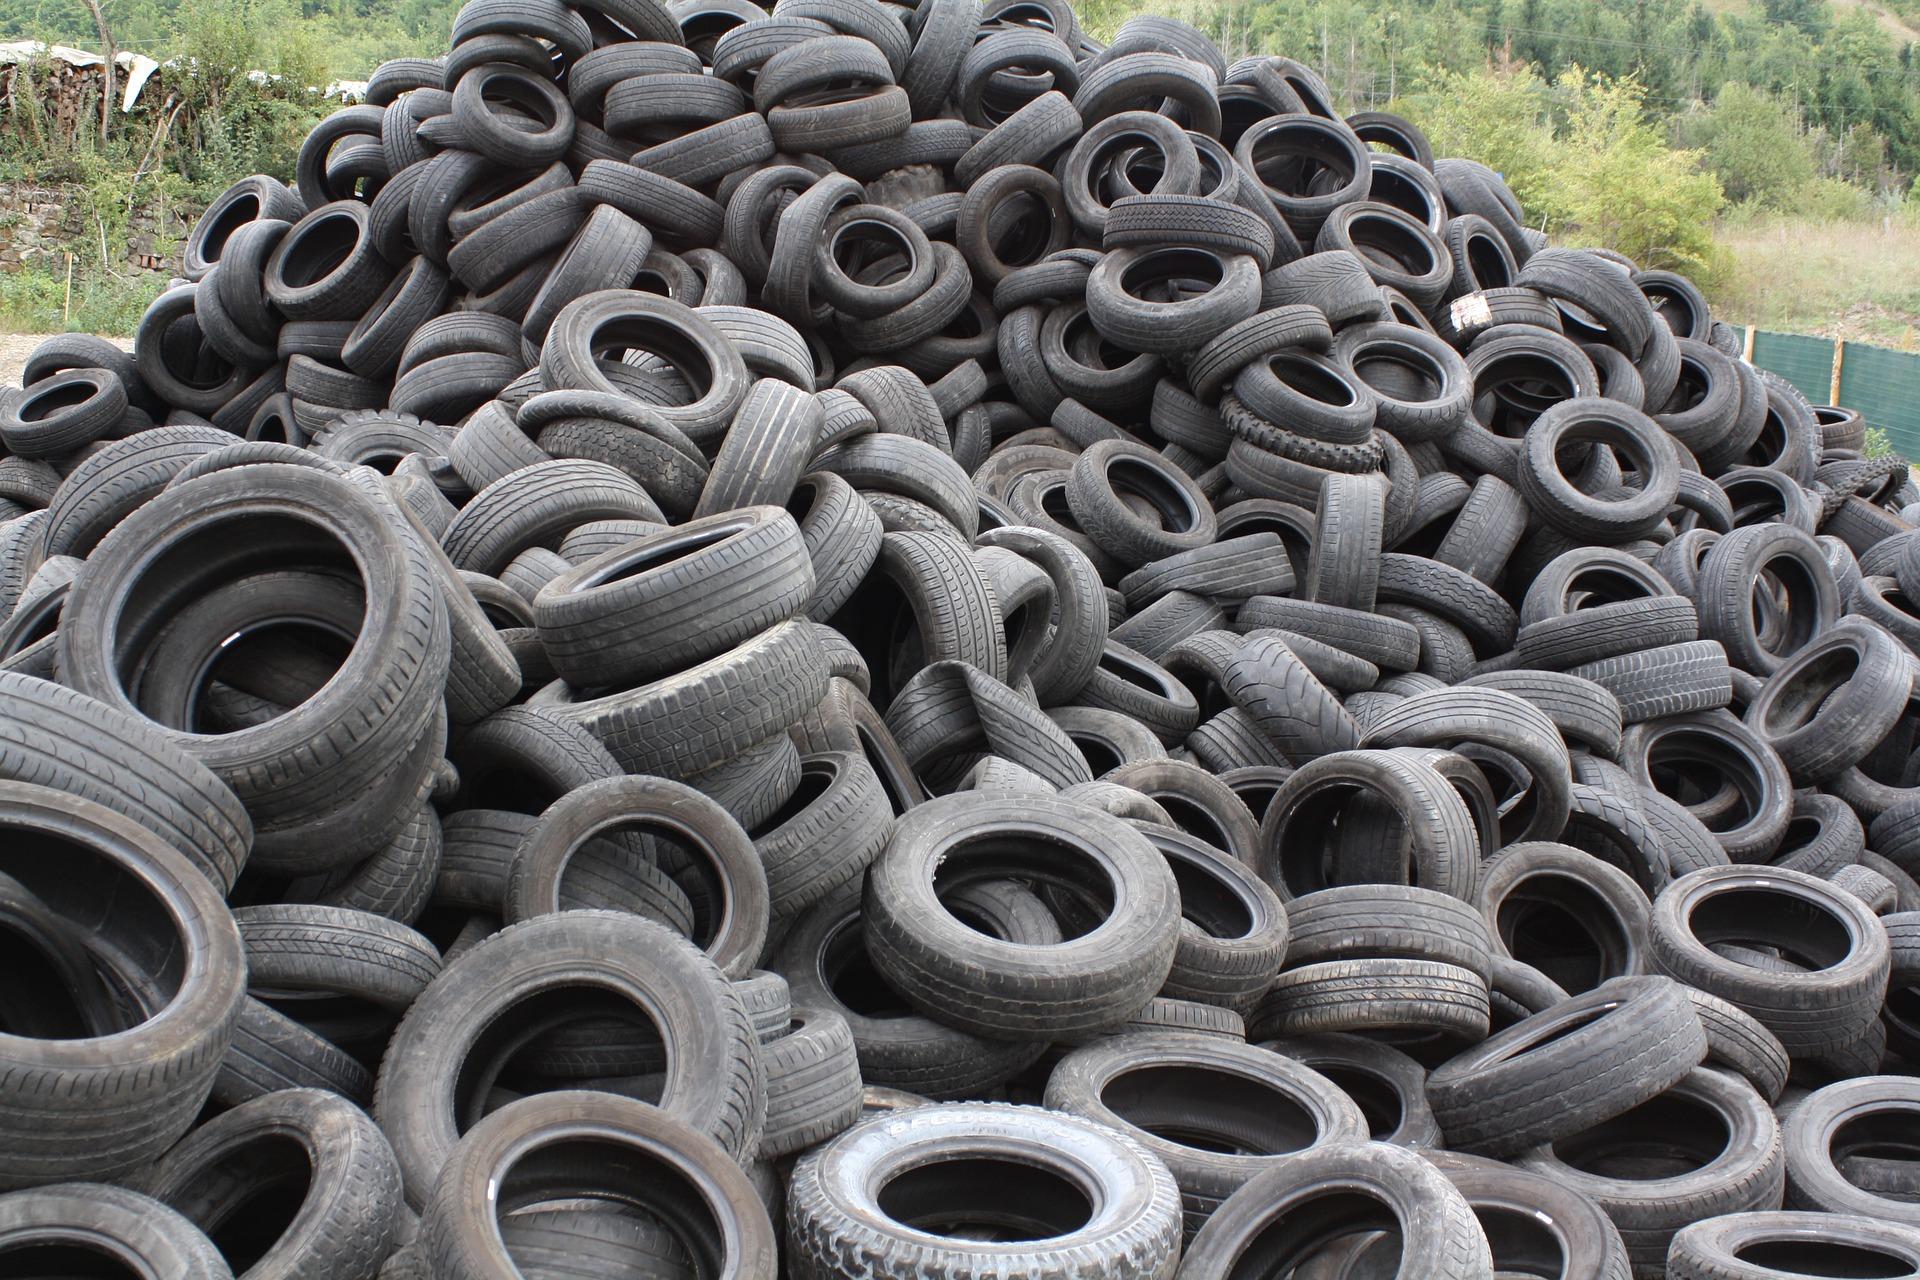 GMINA RANIŻÓW. Dużo zmian w sprawie odbioru śmieci  - Zdjęcie główne